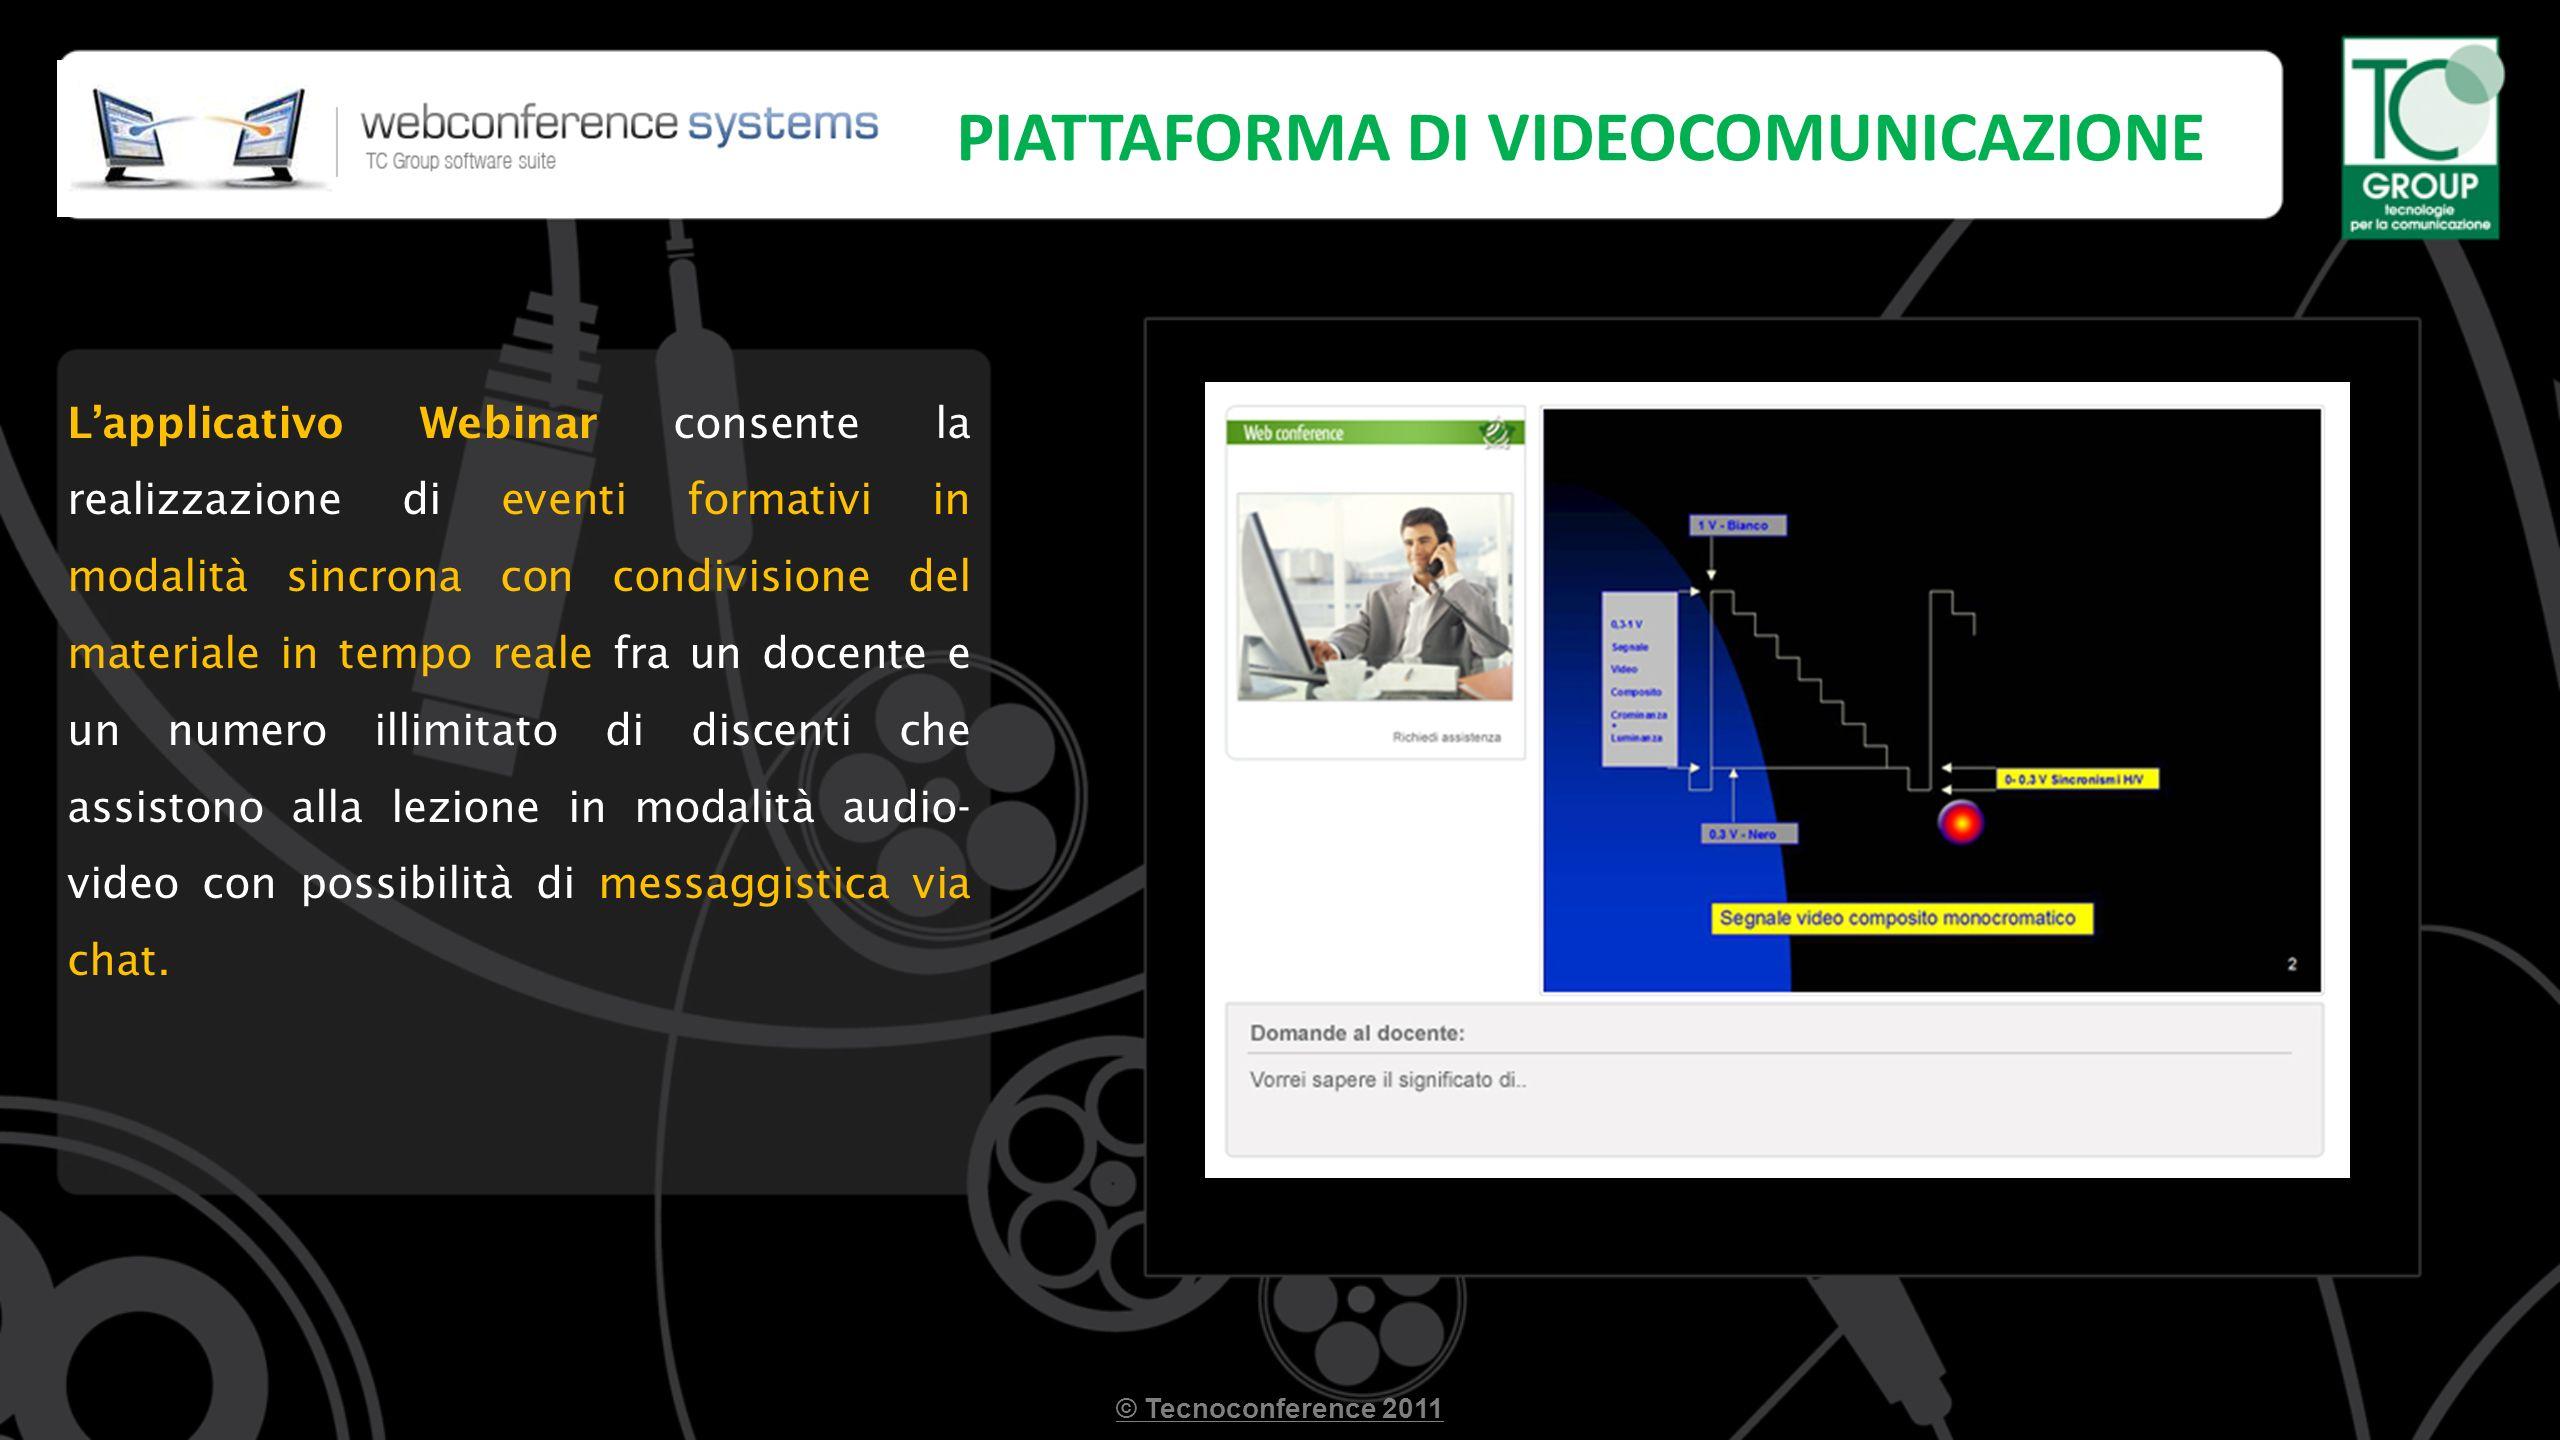 PIATTAFORMA DI VIDEOCOMUNICAZIONE Lapplicativo Webinar consente la realizzazione di eventi formativi in modalità sincrona con condivisione del materiale in tempo reale fra un docente e un numero illimitato di discenti che assistono alla lezione in modalità audio- video con possibilità di messaggistica via chat.